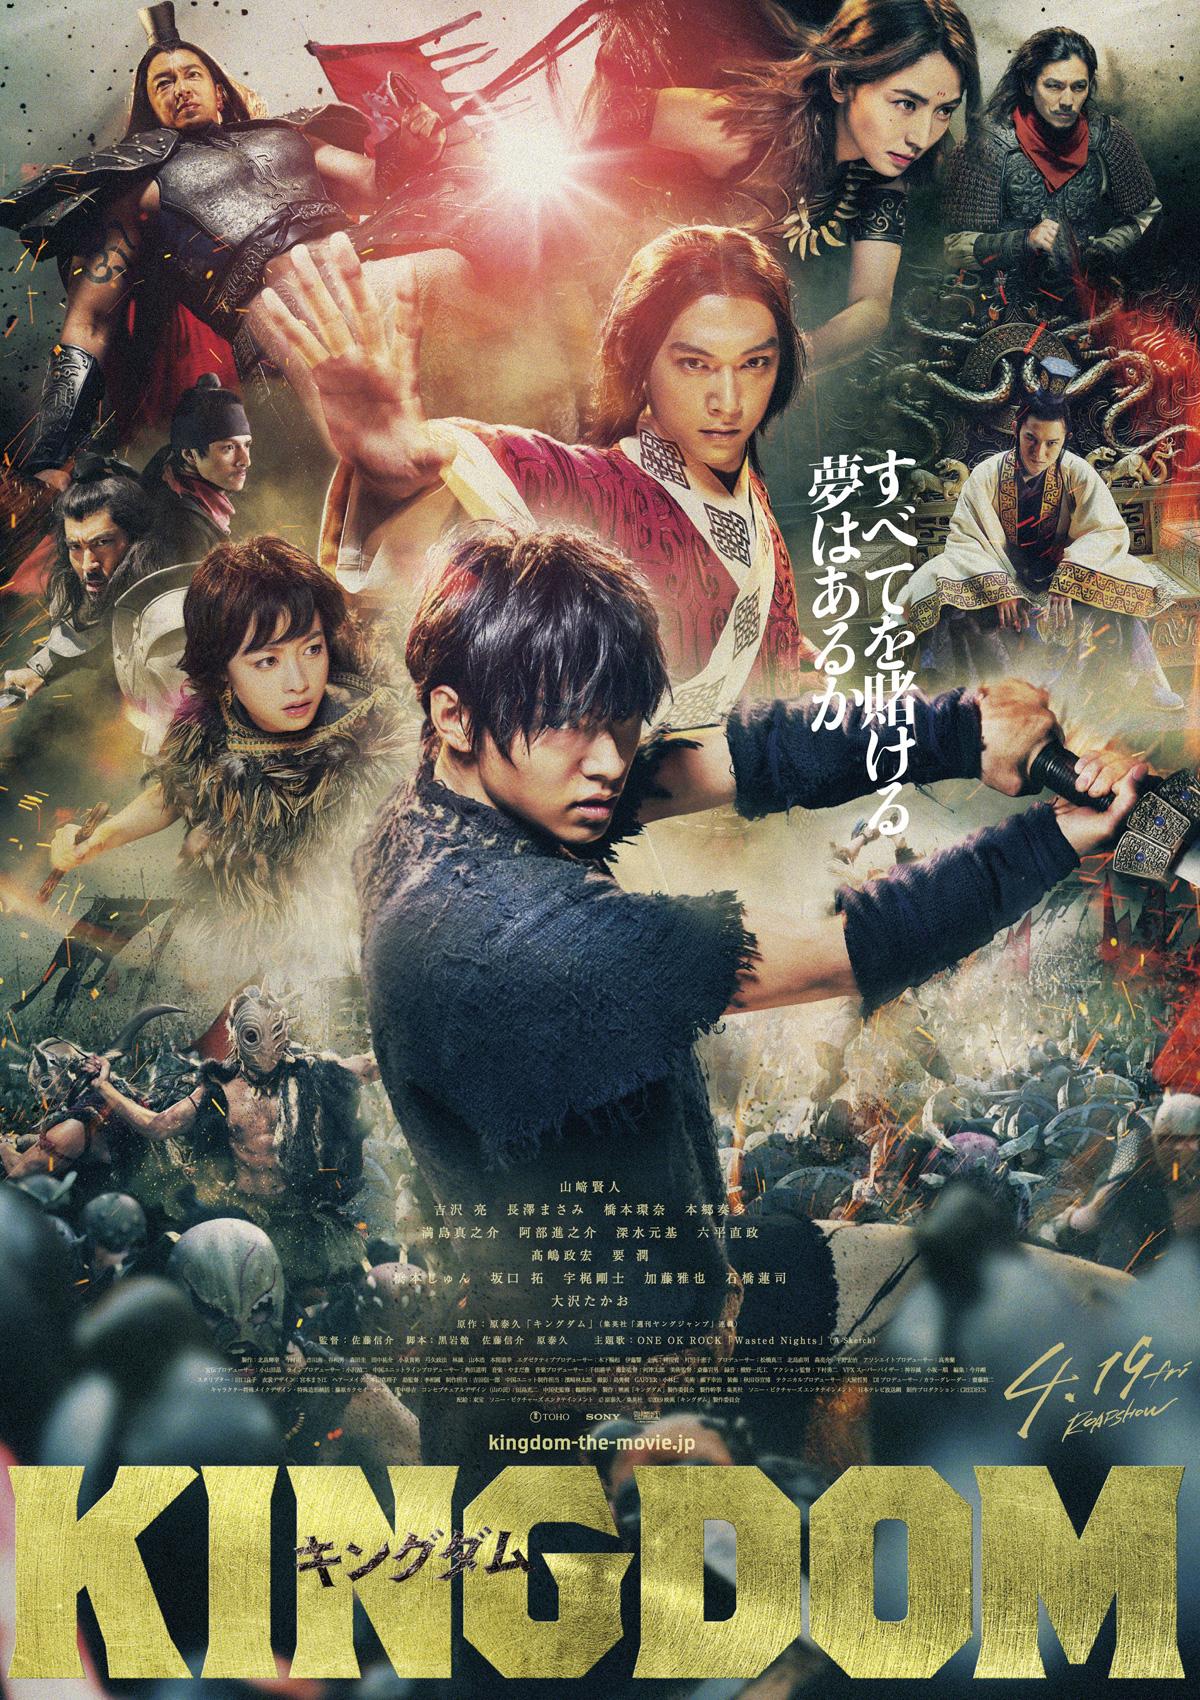 映画「キングダム」を完全無料で視聴する3つの手段!【2020年最新版】